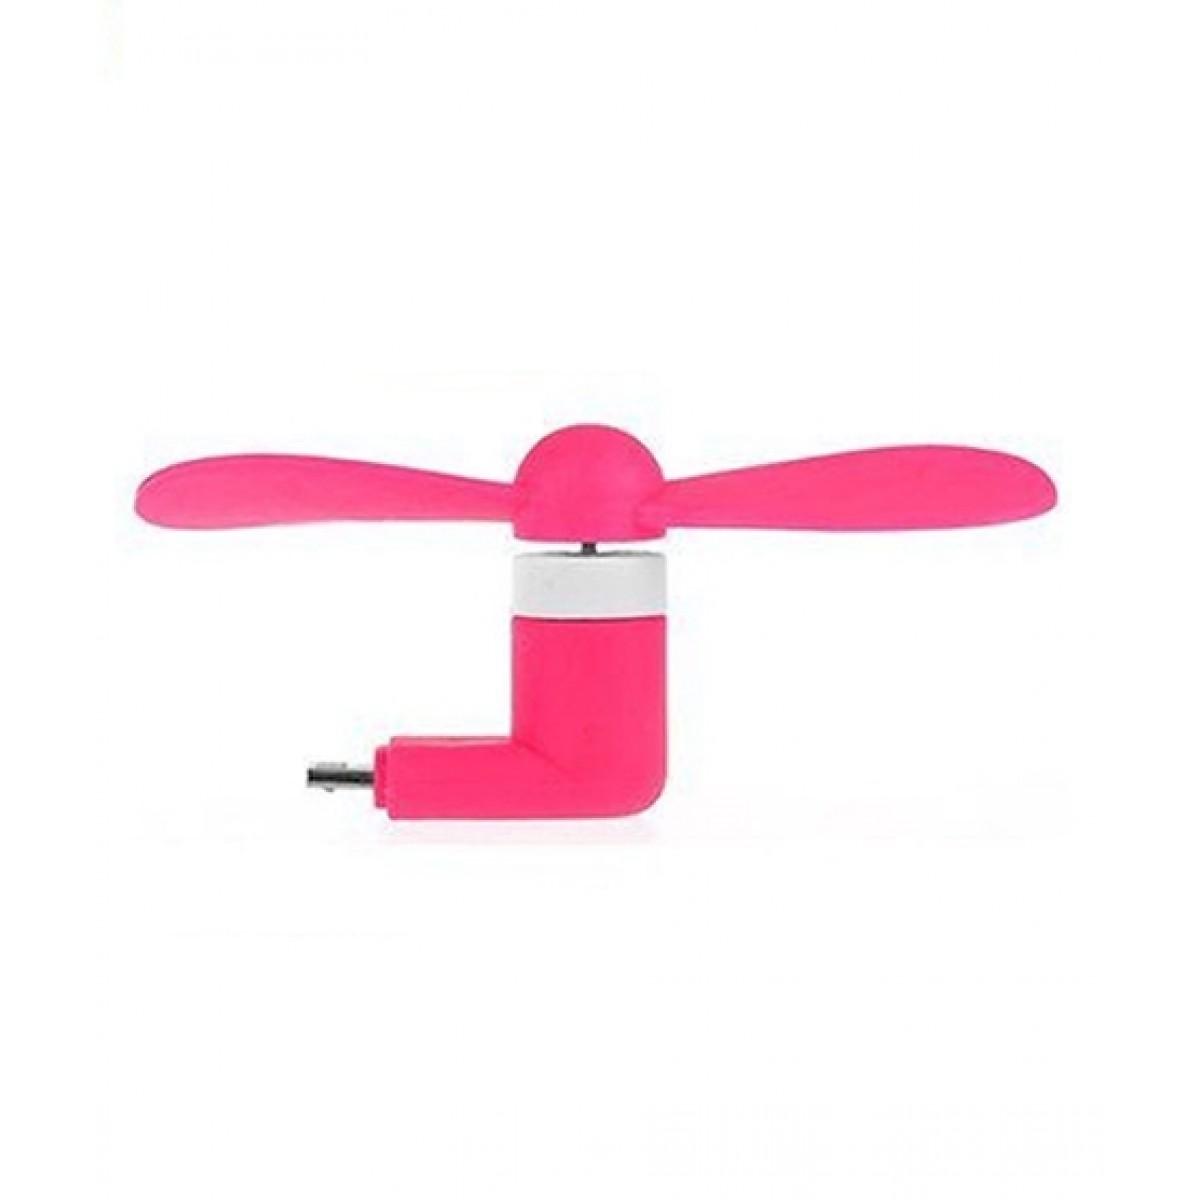 F.A Communications Mini Micro USB OTG Cooling Fan Pink